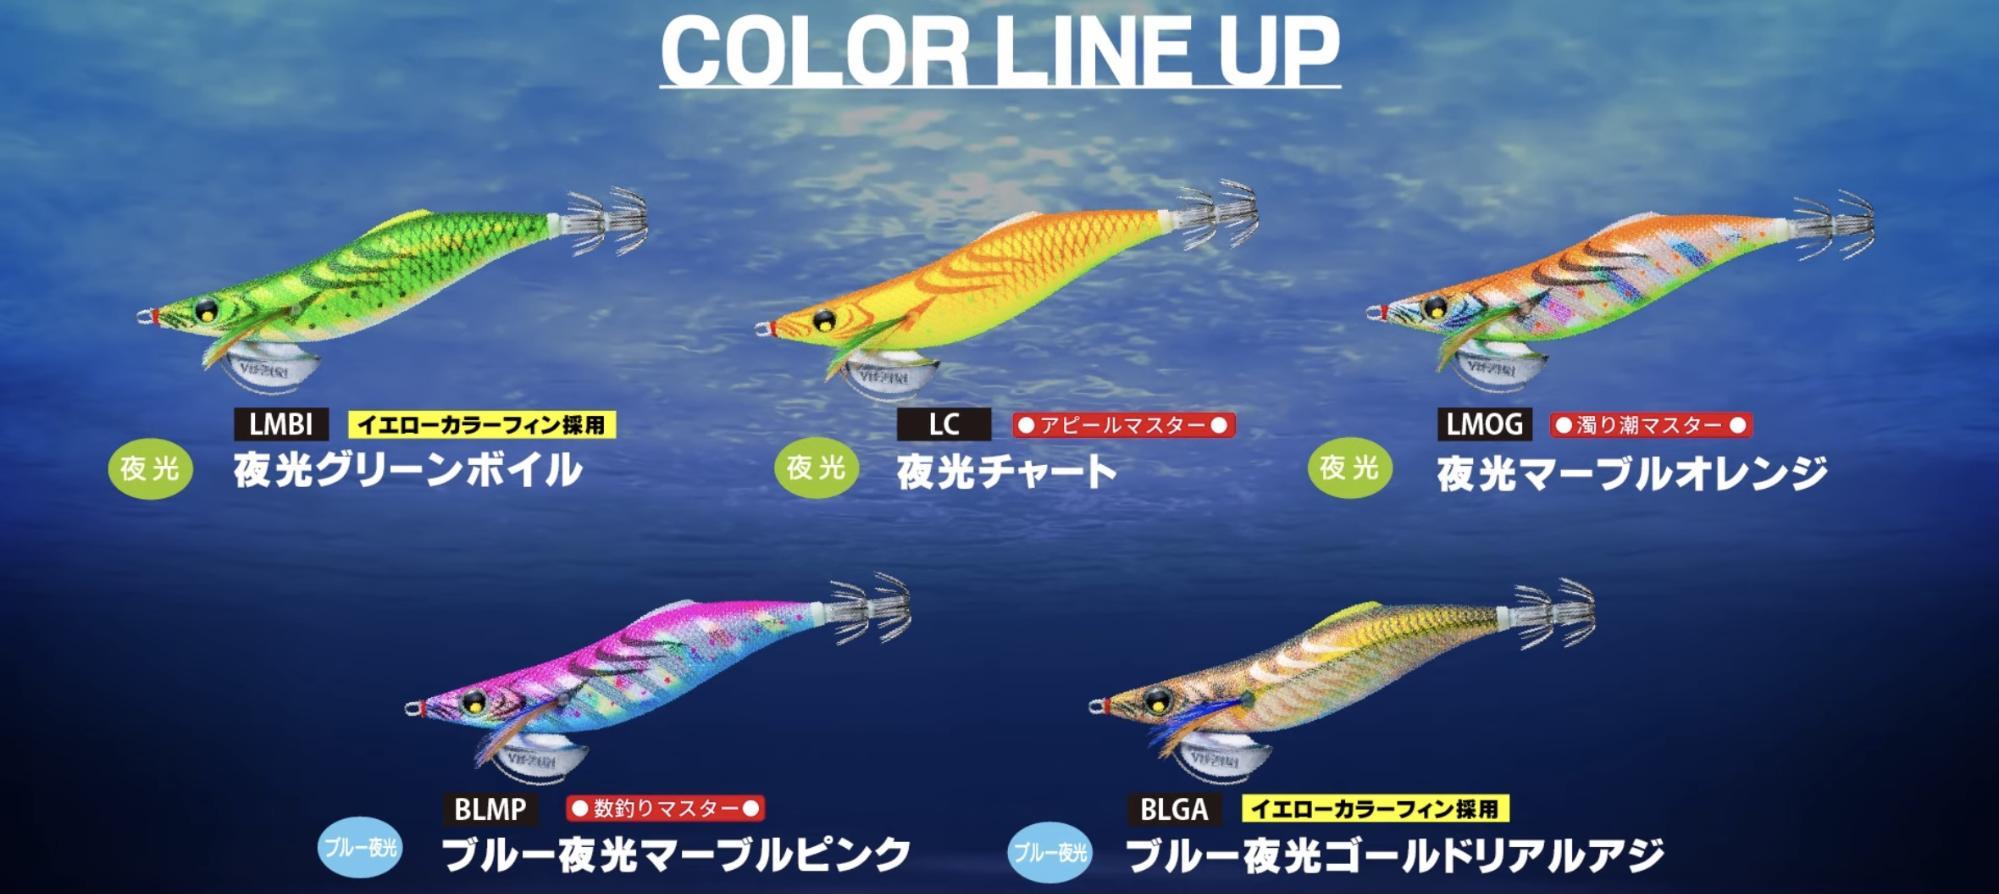 アオリーQ LC SLOW カラー1